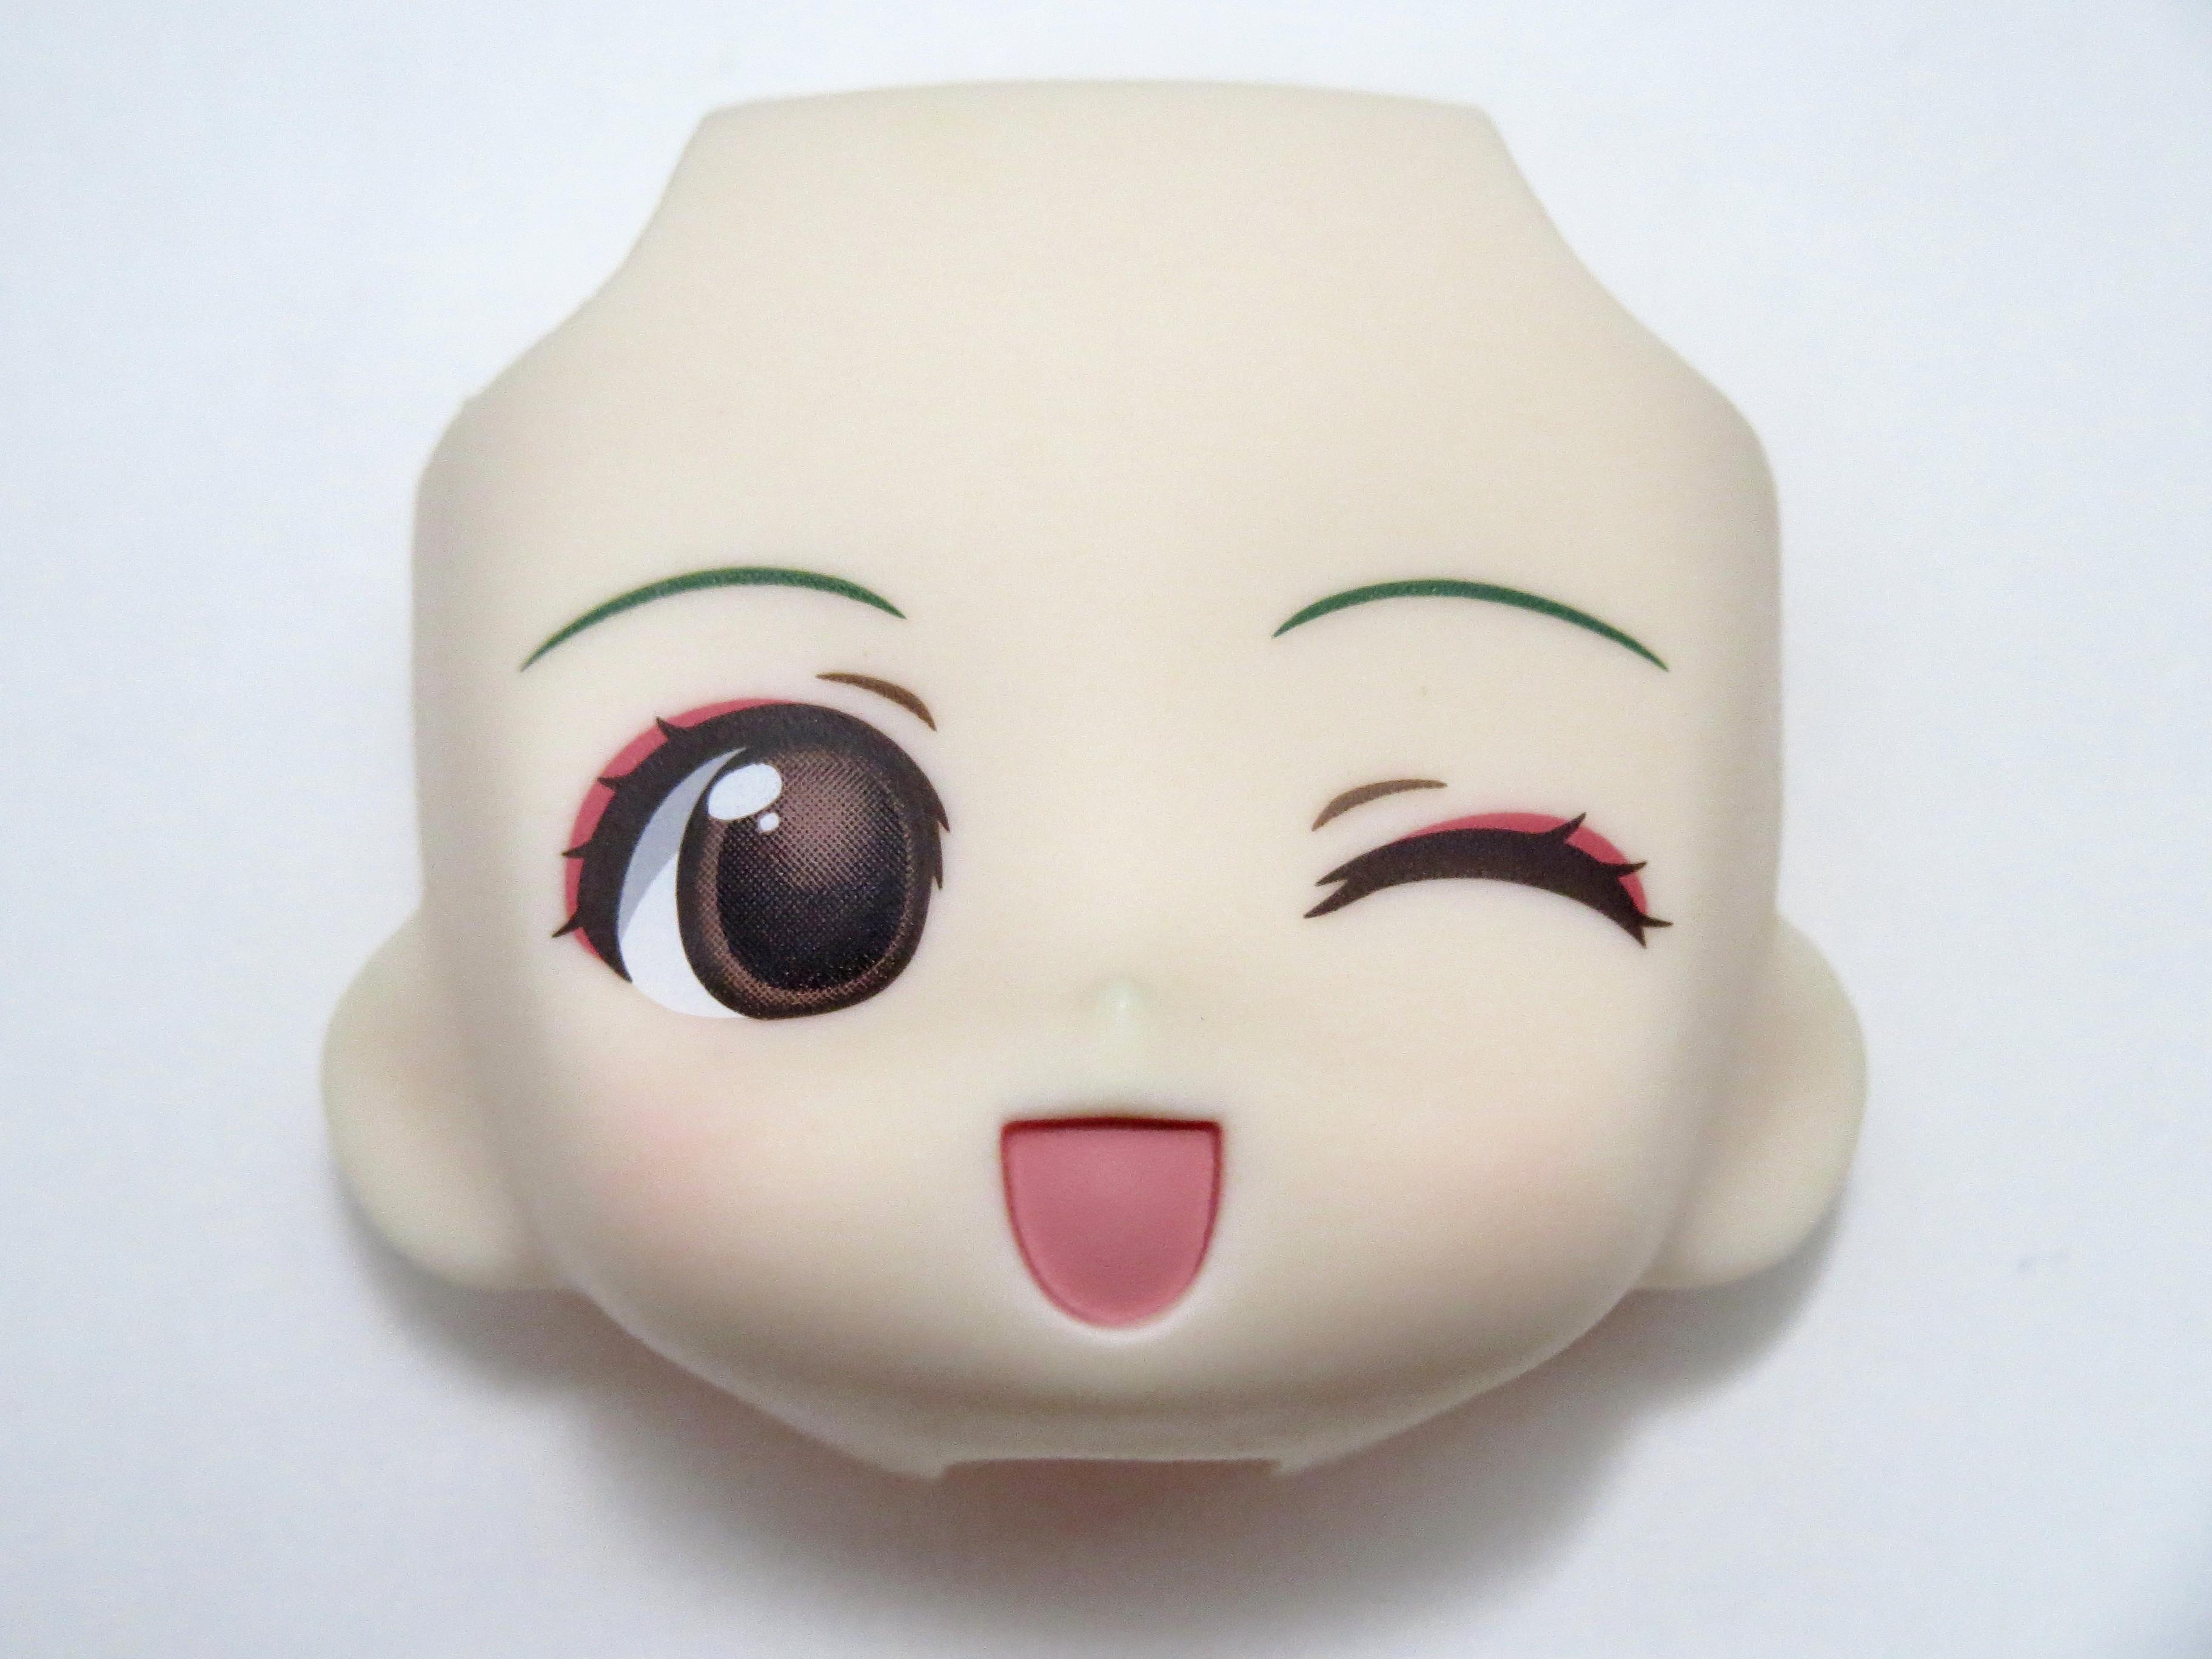 【SALE】【480】 初音ミク 千本桜Ver. 顔パーツ ウインク ねんどろいど